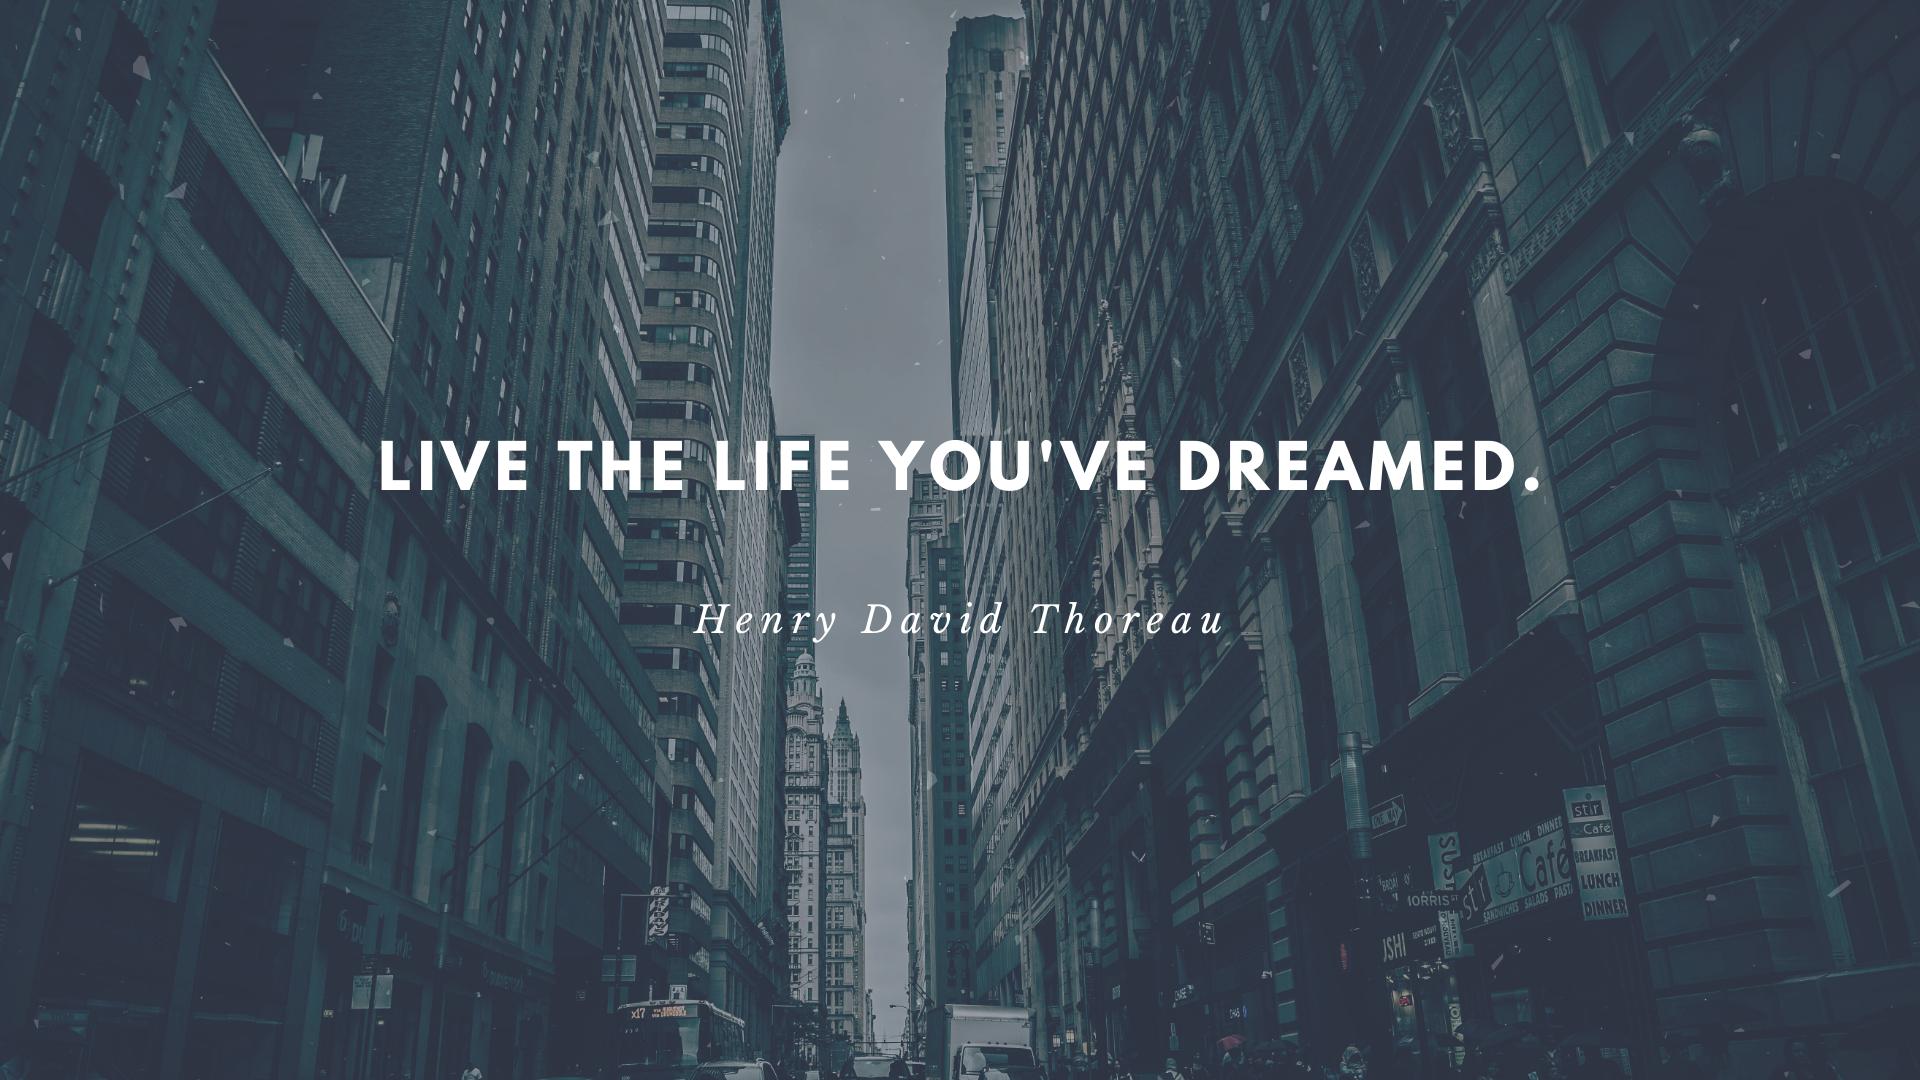 Best Quotes Desktop Wallpapers Motivational Wallpaper Motivational Quotes Wallpaper Motivation